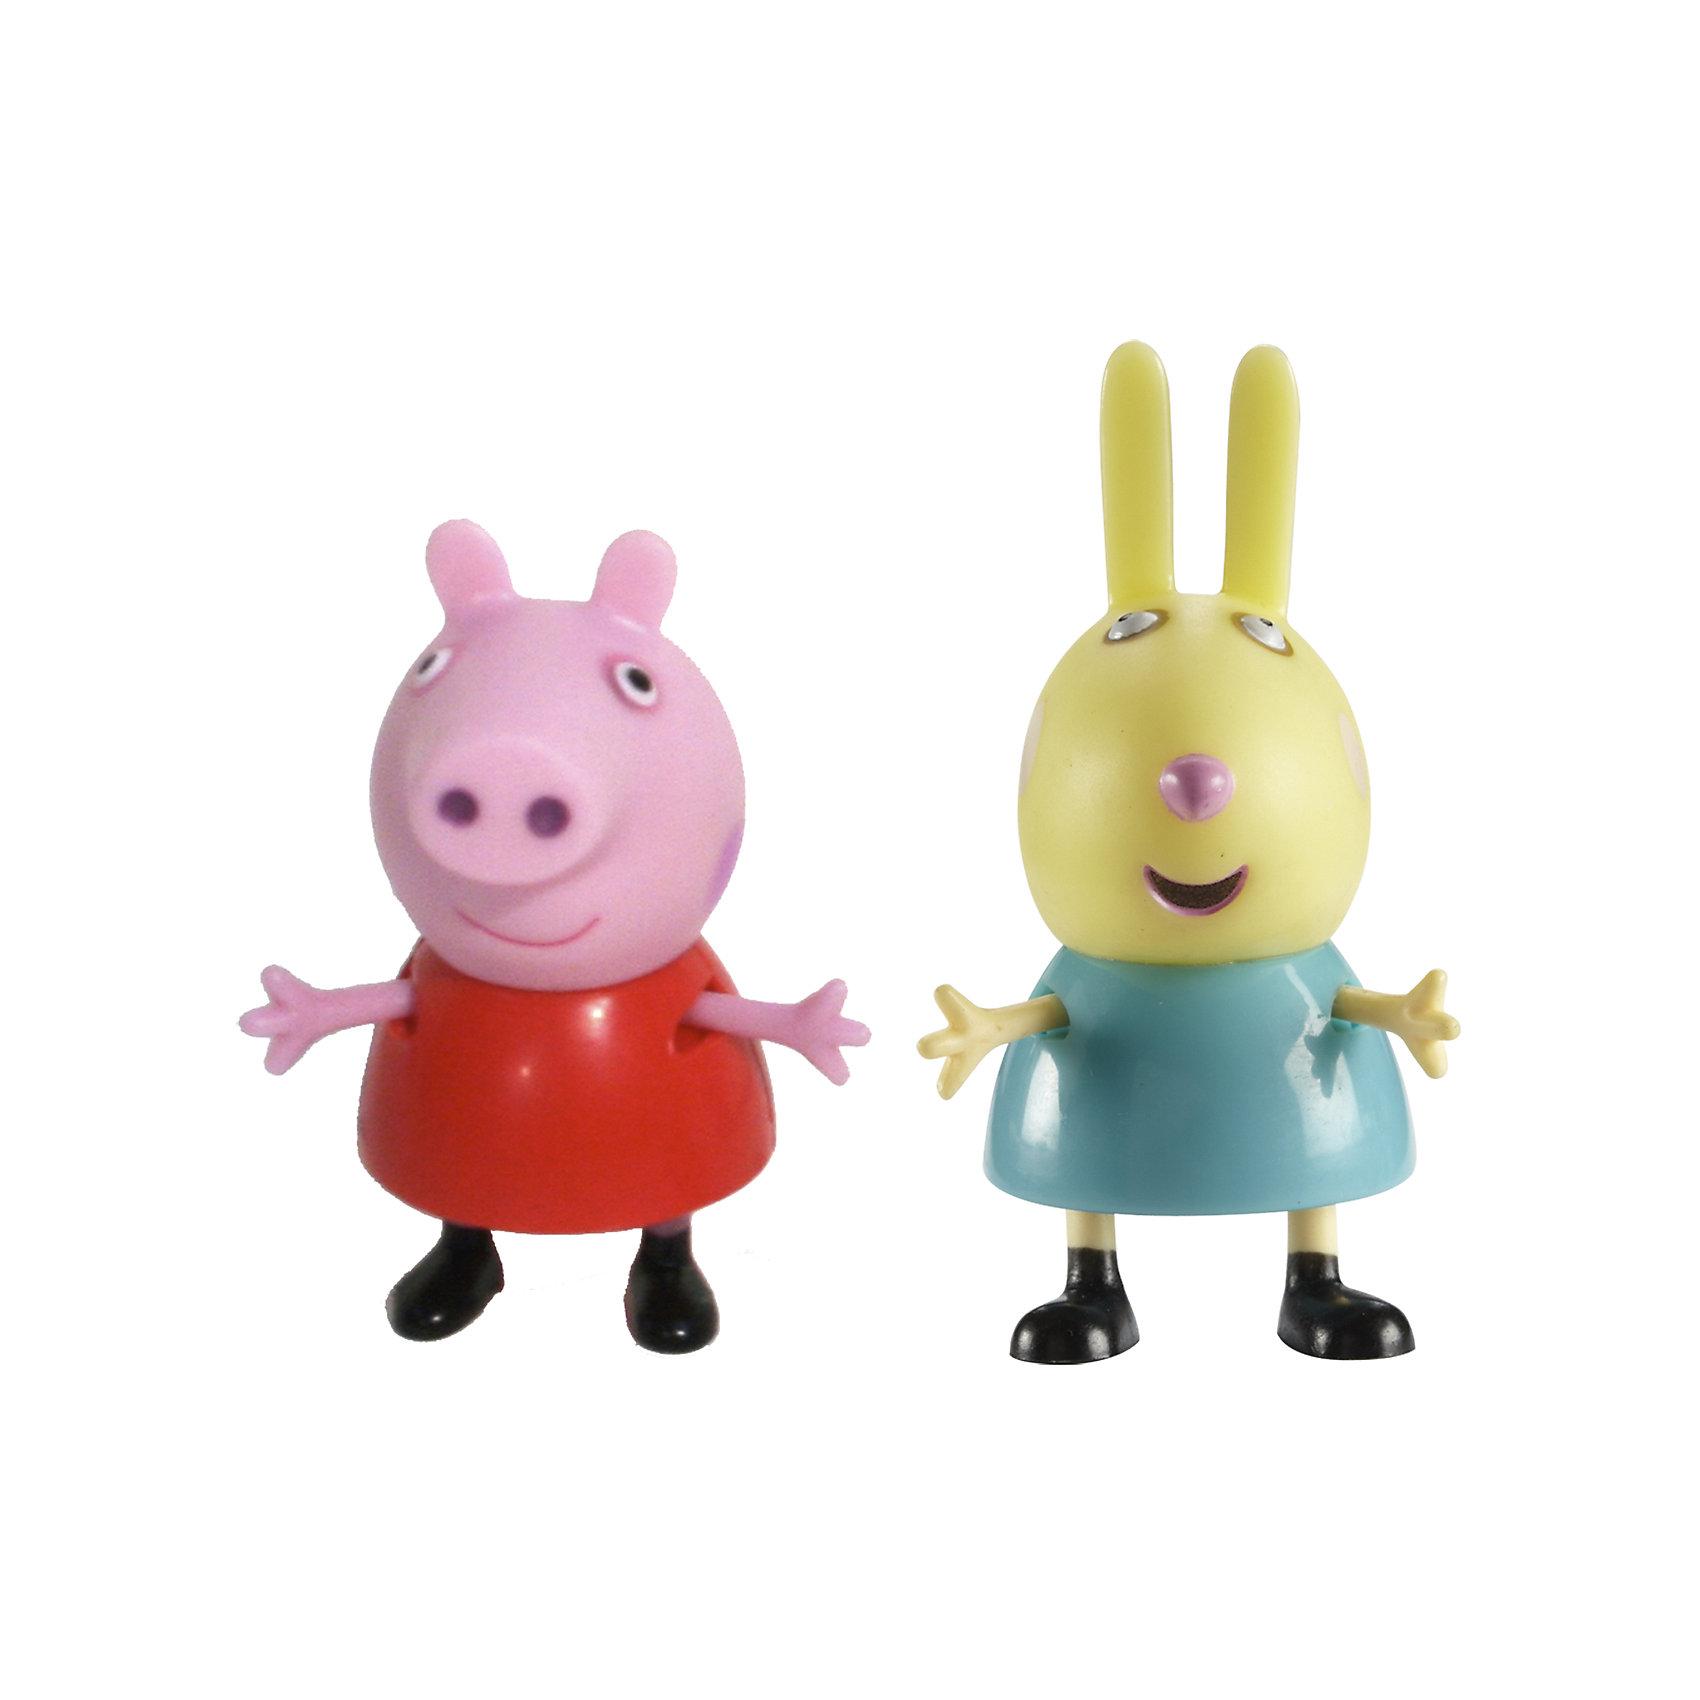 Росмэн Игровой набор Пеппа и Ребекка, Свинка Пеппа росмэн игровой набор поезд пеппы неваляшки свинка пеппа